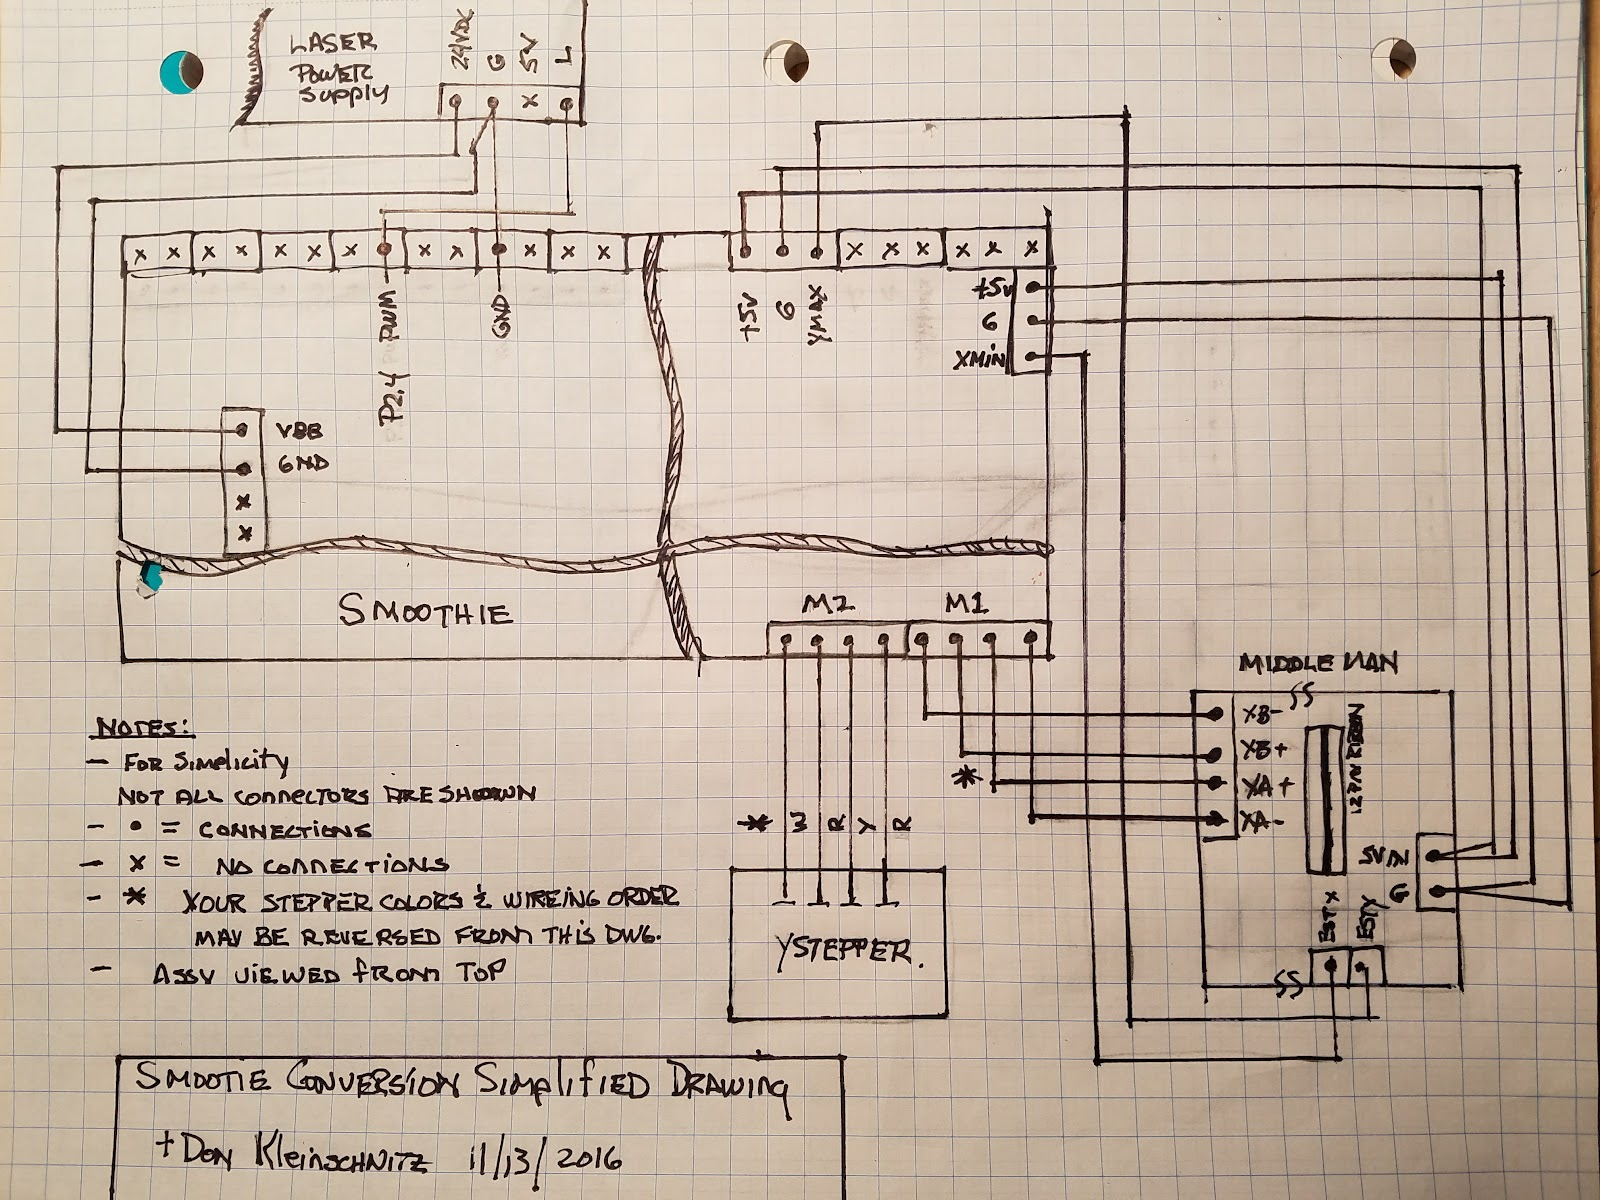 medium resolution of k40 laser wiring diagram wiring diagram advancek40 laser wiring diagram